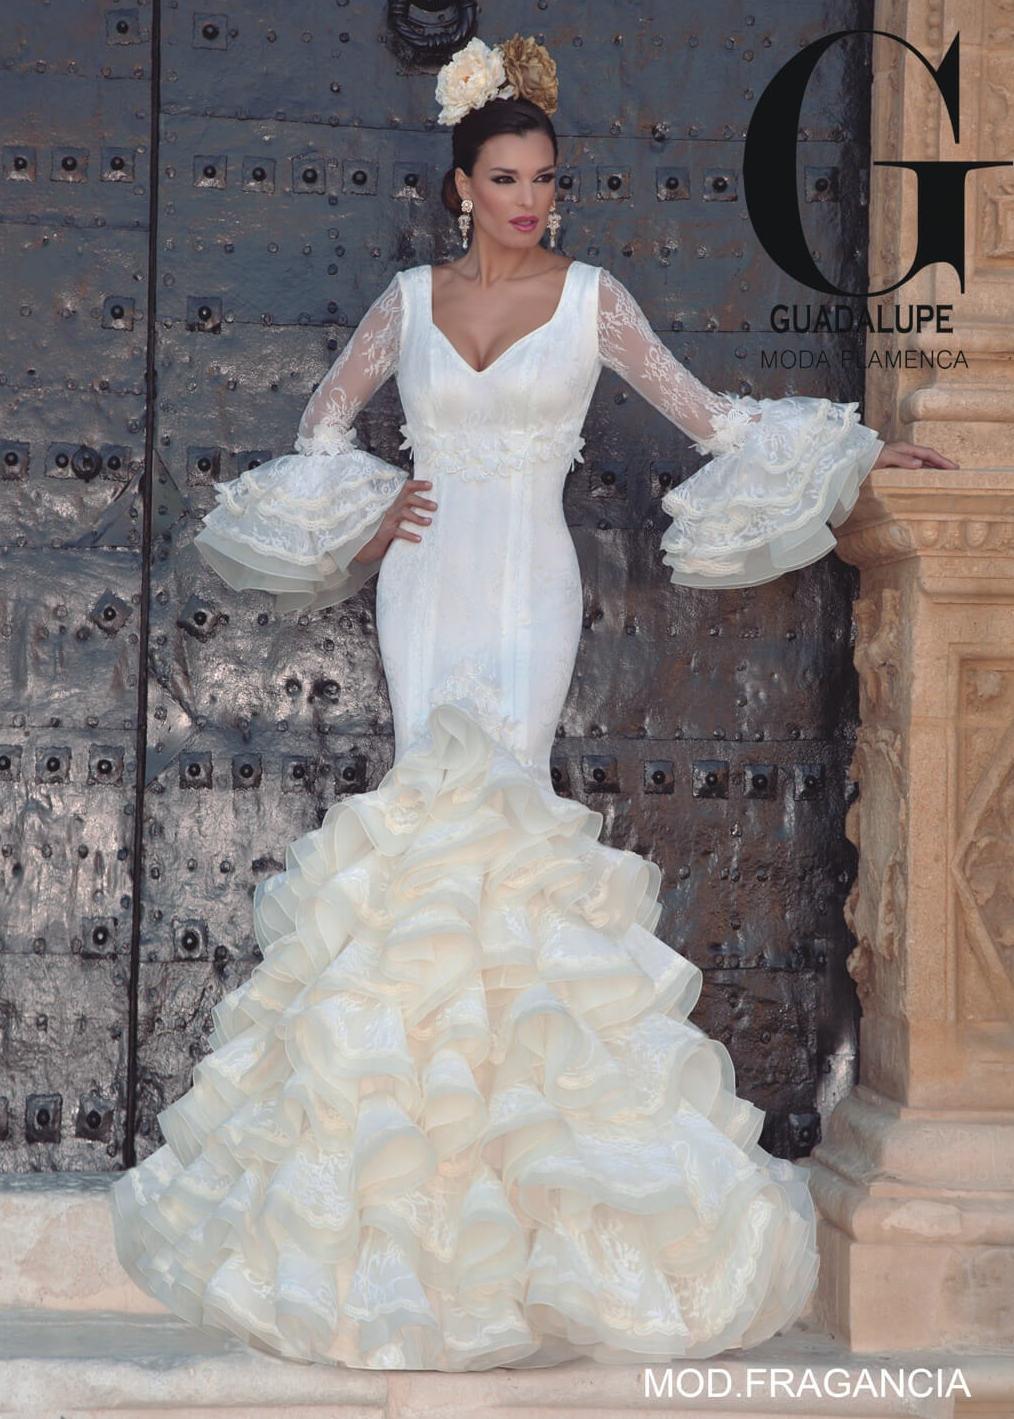 Foto 58 de Vestidos de novia y madrina en Tomelloso, Ciudad Real en Tomelloso | Caprichos